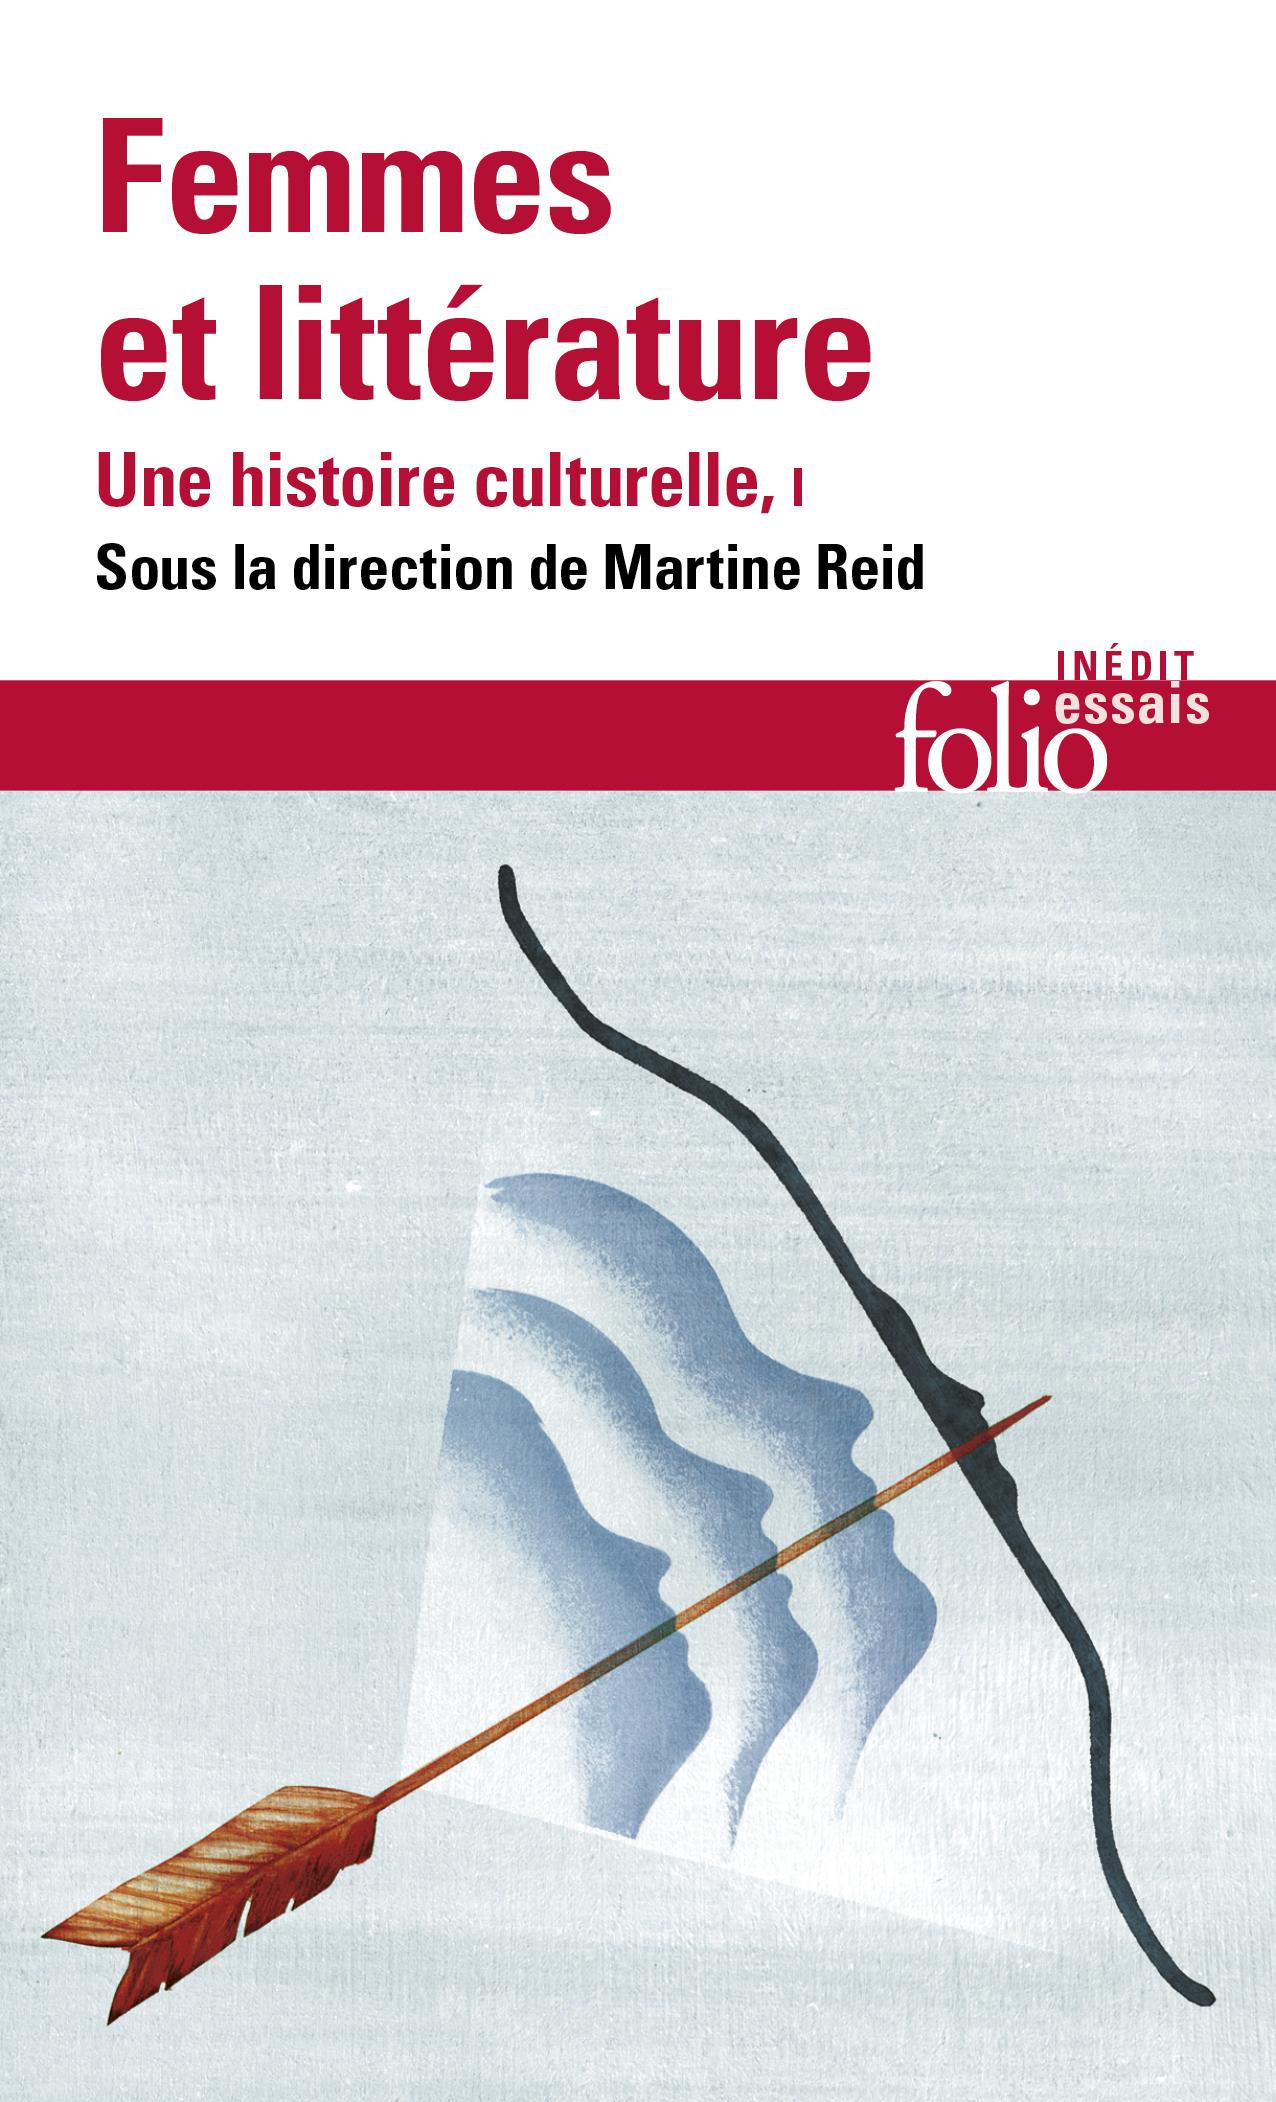 Femmes et litterature. une histoire culturelle (Paris Sorbonne)